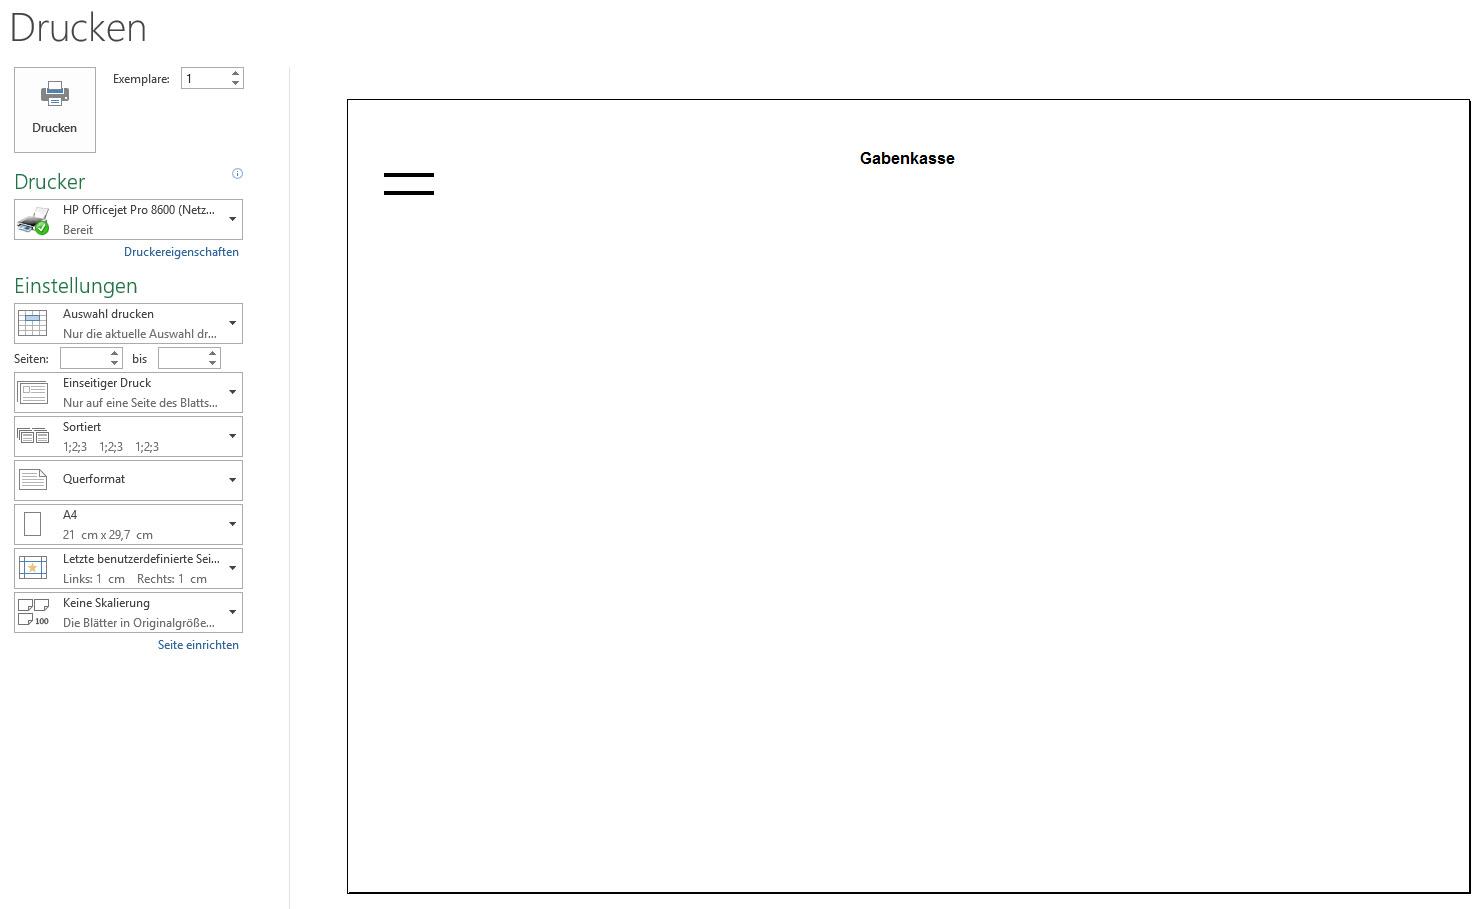 Schön Leere Zusammenfassung Zum Drucken Fotos - Entry Level Resume ...